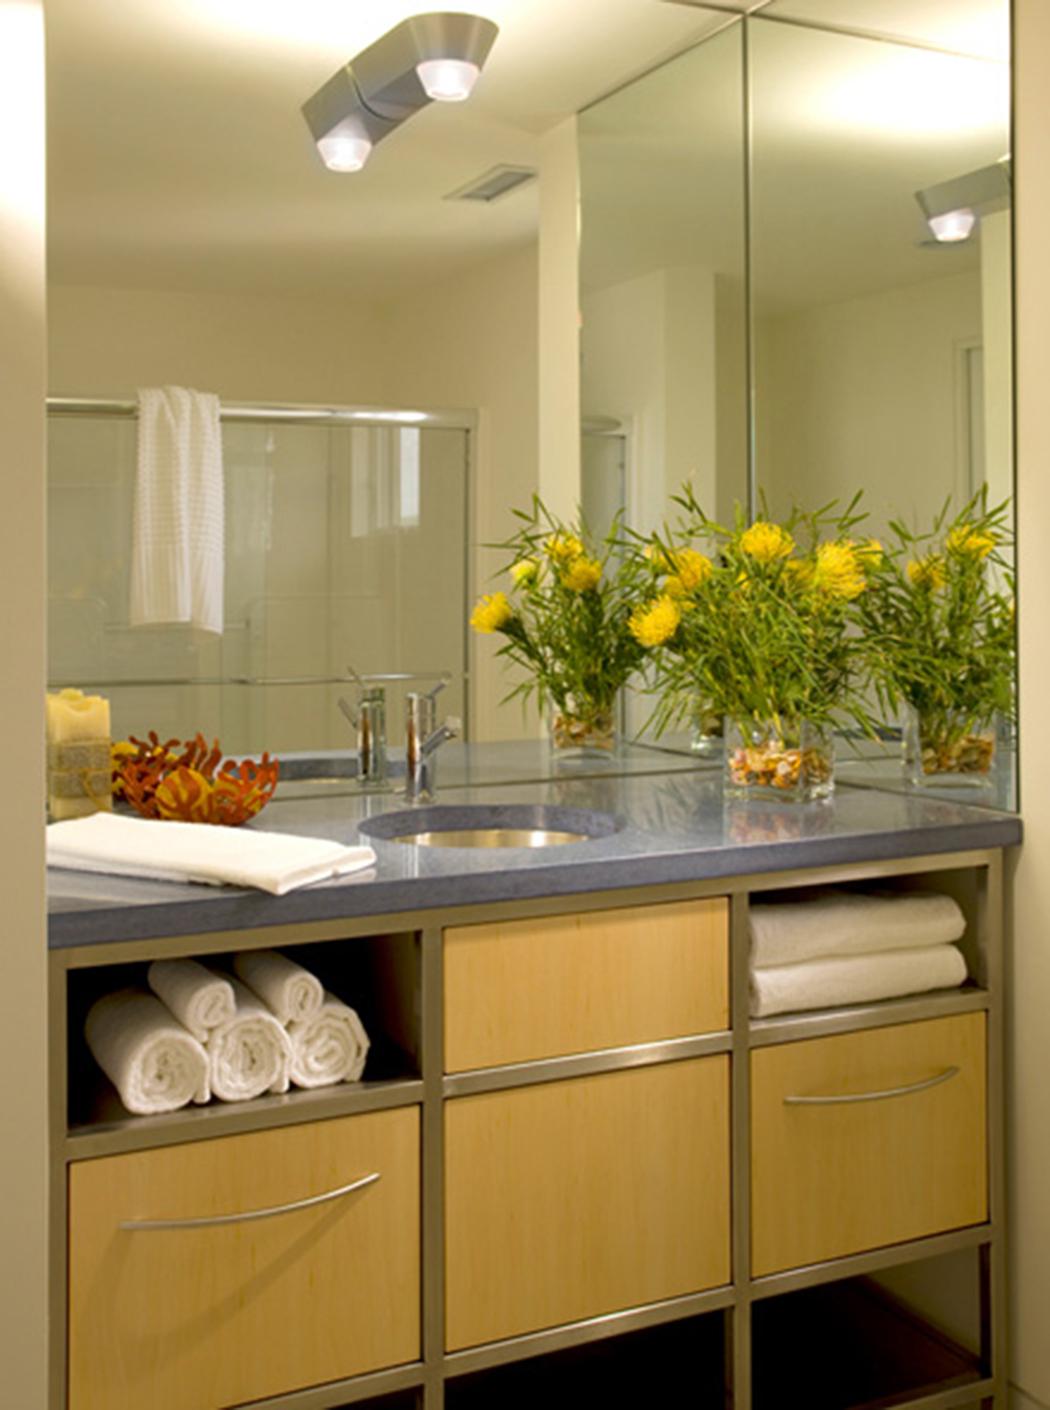 Salle de bain simple et jolie une jolie salle de bains au - Jolie salle de bain italienne ...